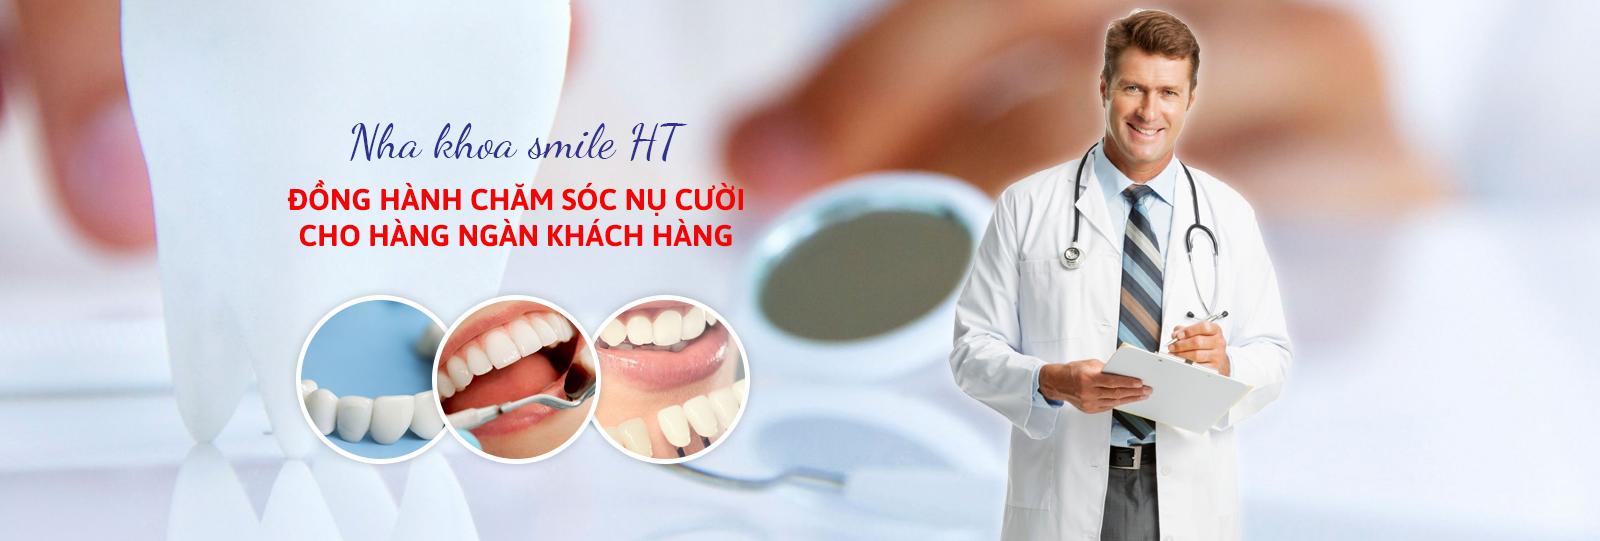 Nha Khoa Smile HT - Lê Trọng Tấn, Quận Tân Phú